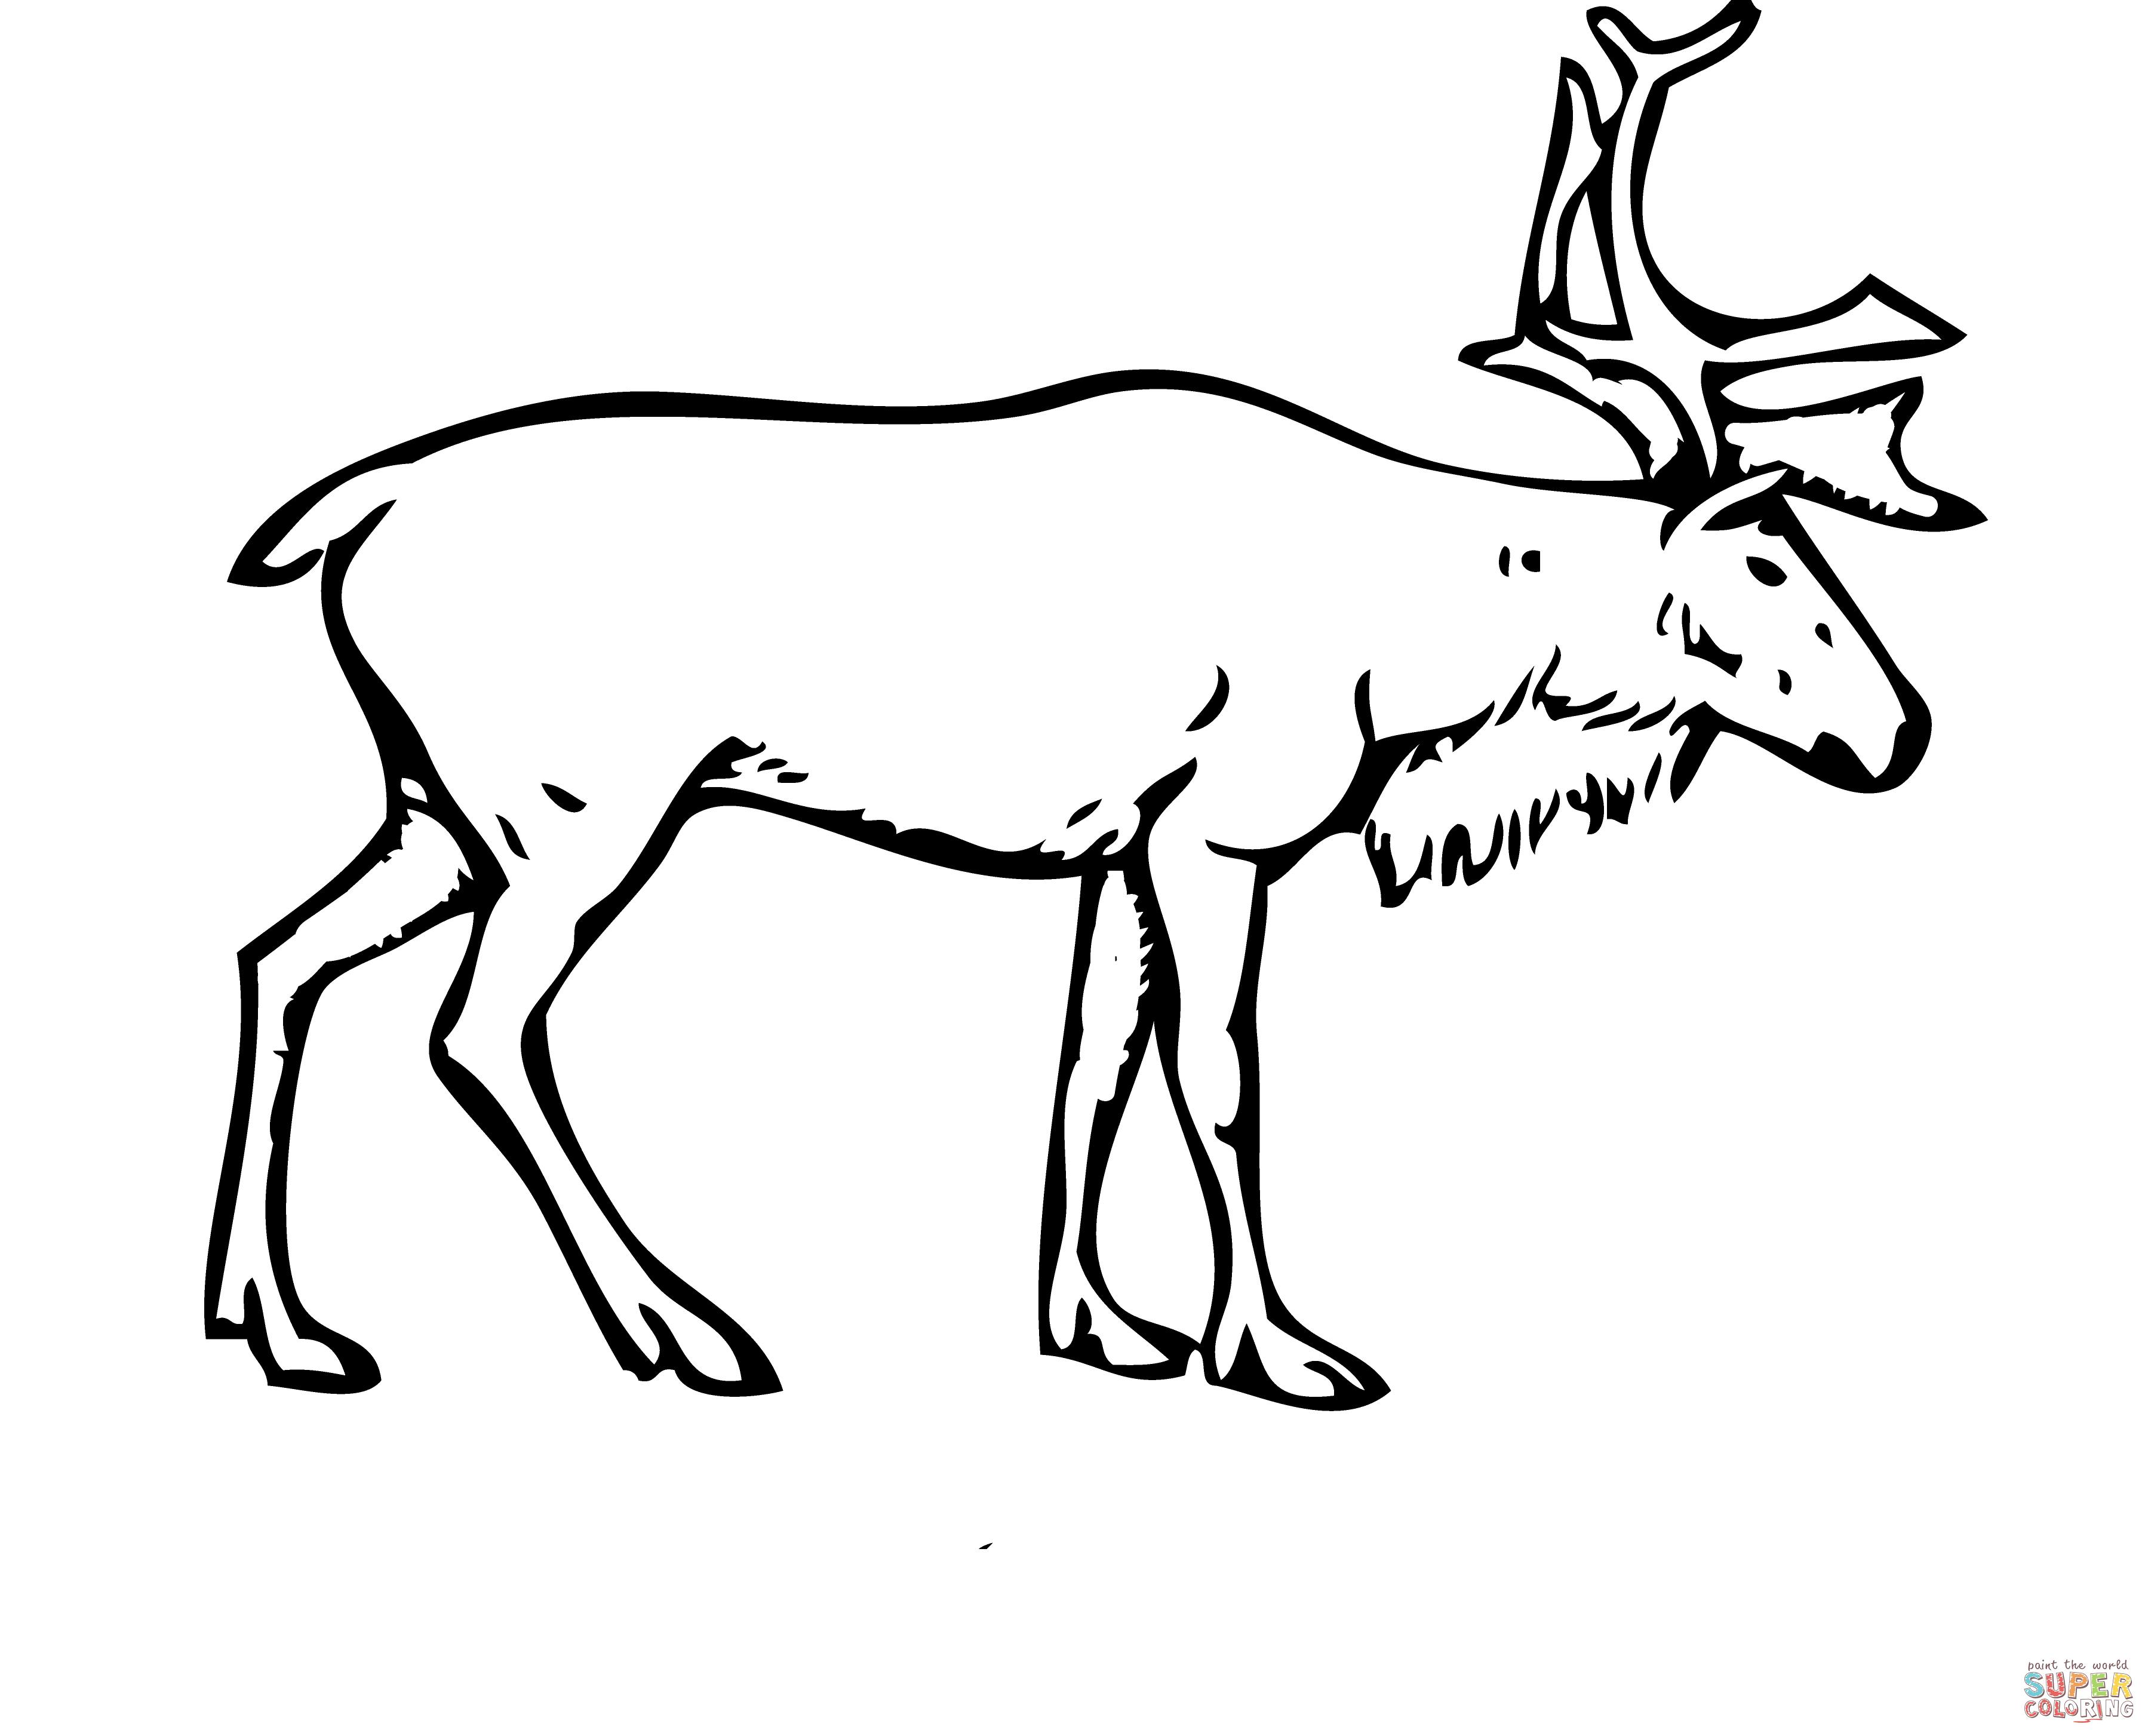 3597x2907 Fantastic Reindeer Template Printable With Reindeer Coloring Page